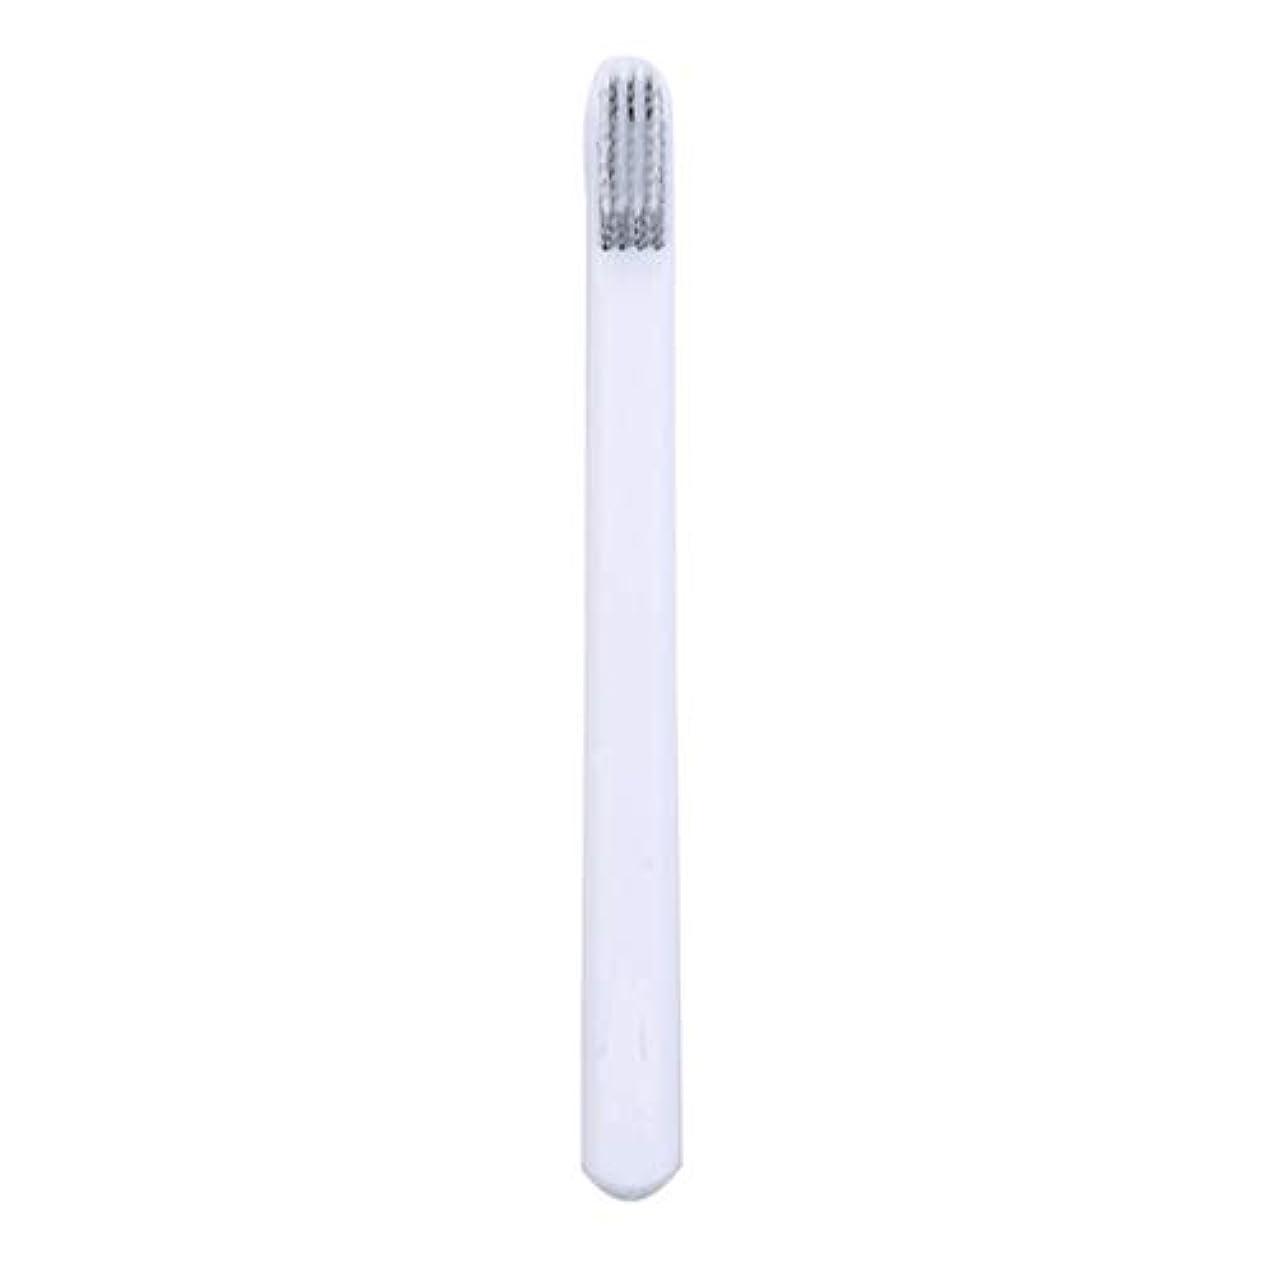 背の高い勝利保証Underleaf 大人のためのカップルの歯ブラシの柔らかい歯ブラシEcoの友好的で柔らかいブラシのヘッドタケ歯ブラシ、白